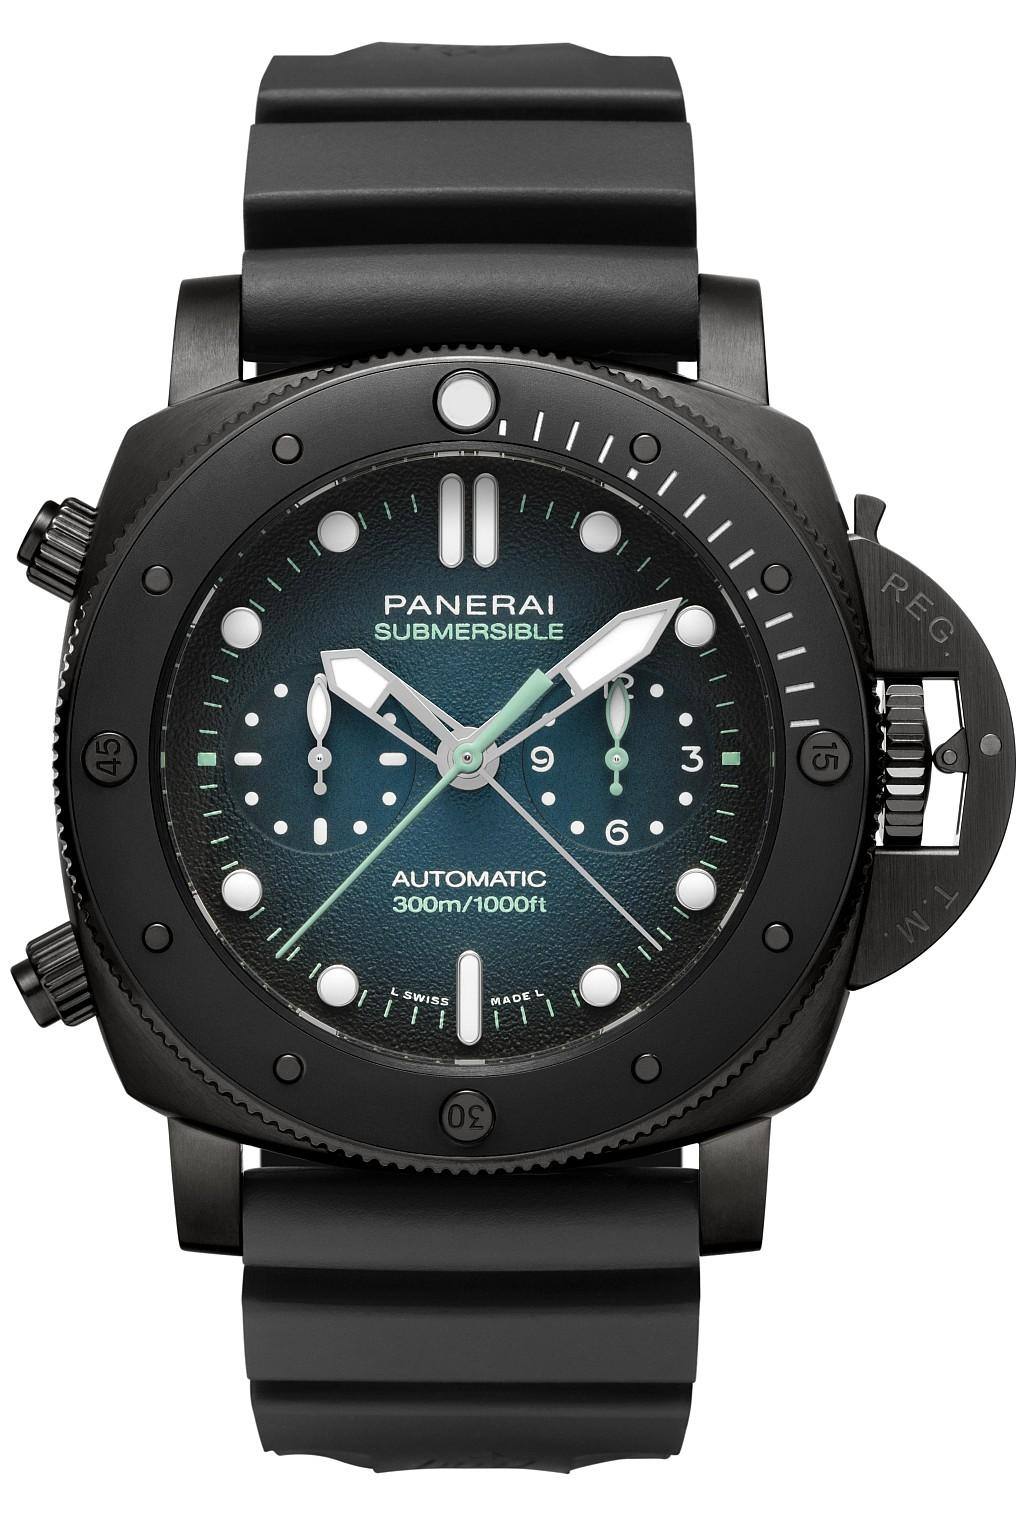 沛納海 Submersible專業潛水計時腕錶 Guillaume Néry特別版 ─ 47毫米 PAM983